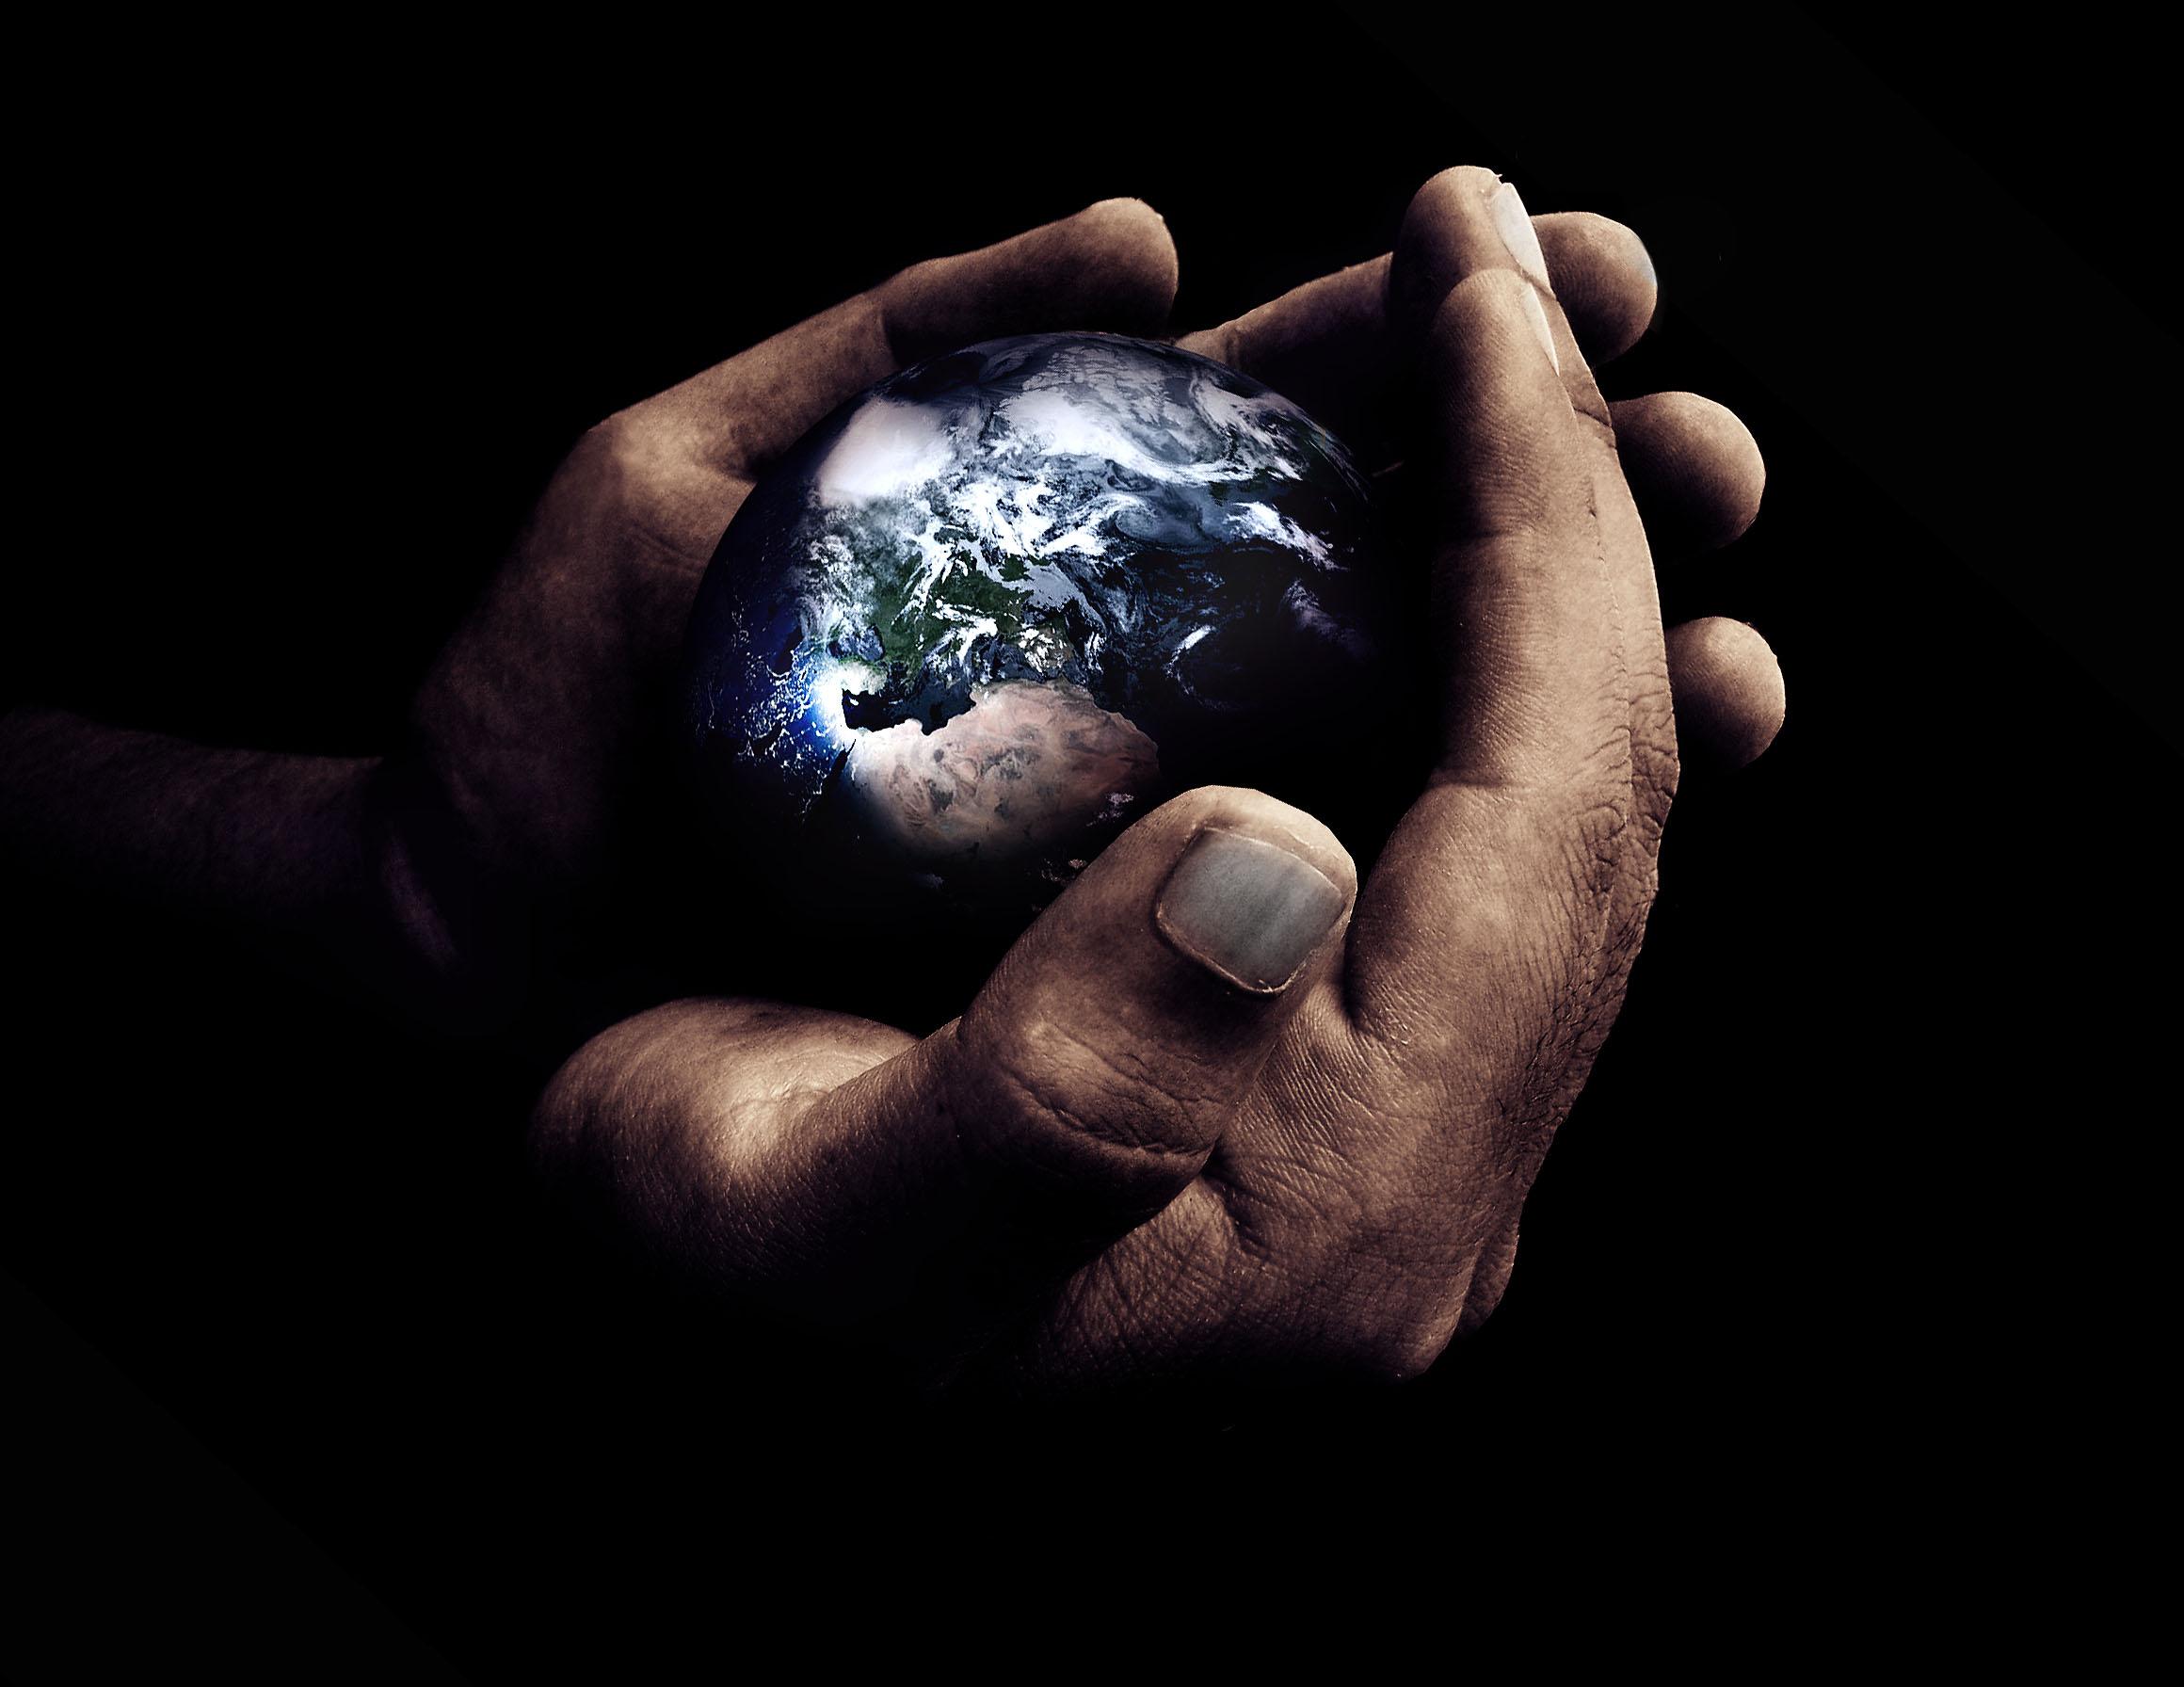 los amos controlan el mundo